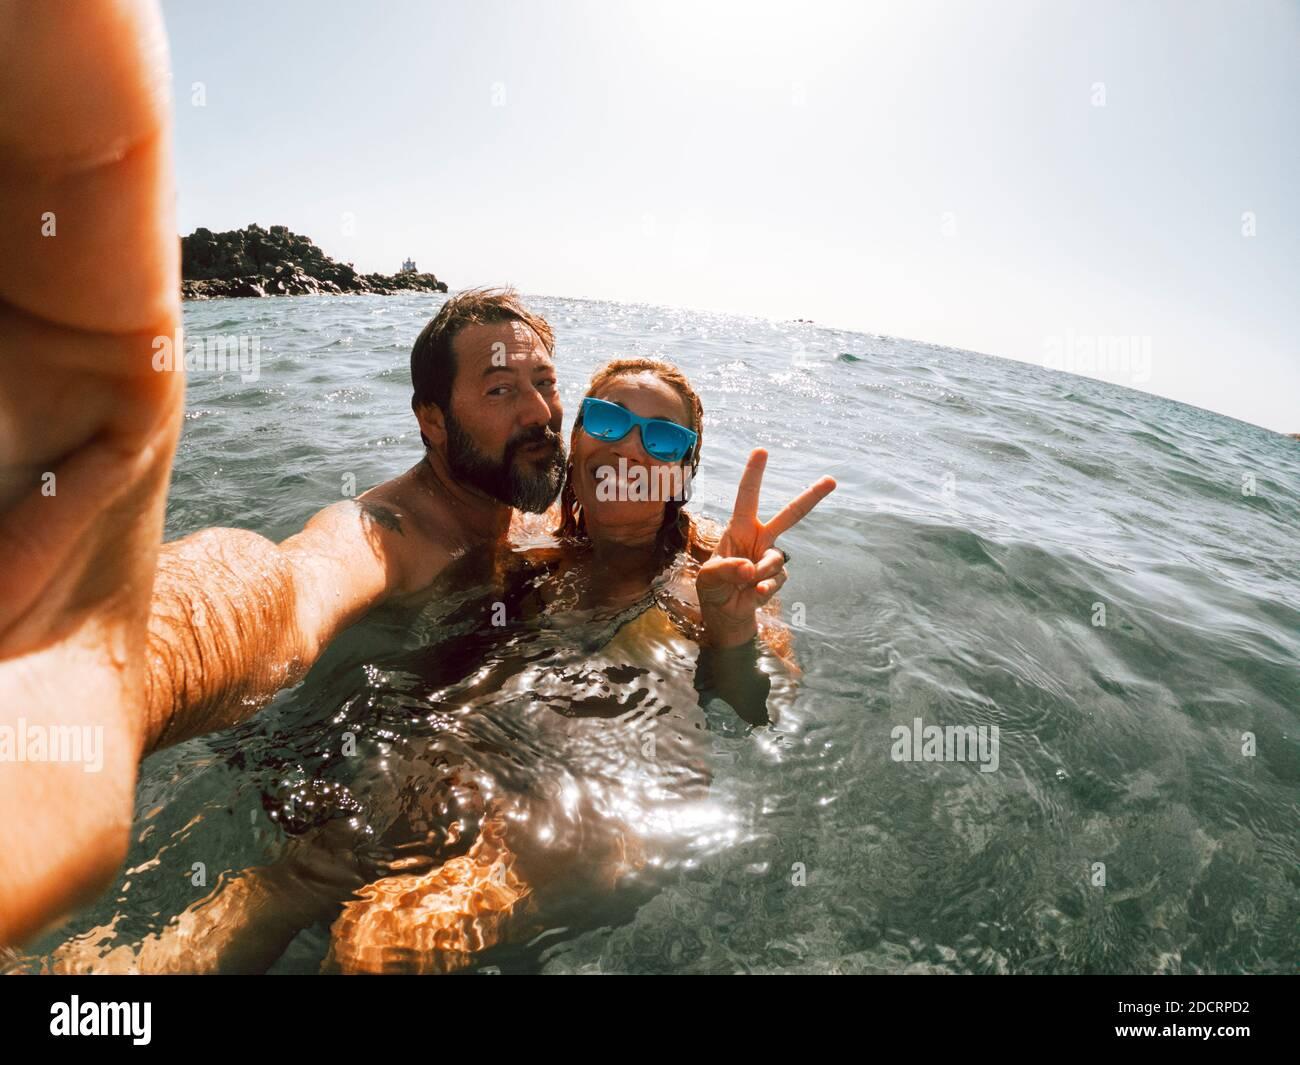 Fröhliche Erwachsene Paar machen Selfie-Foto Schwimmen am Meer Und genießen Sie Sommerurlaub zusammen Stockfoto